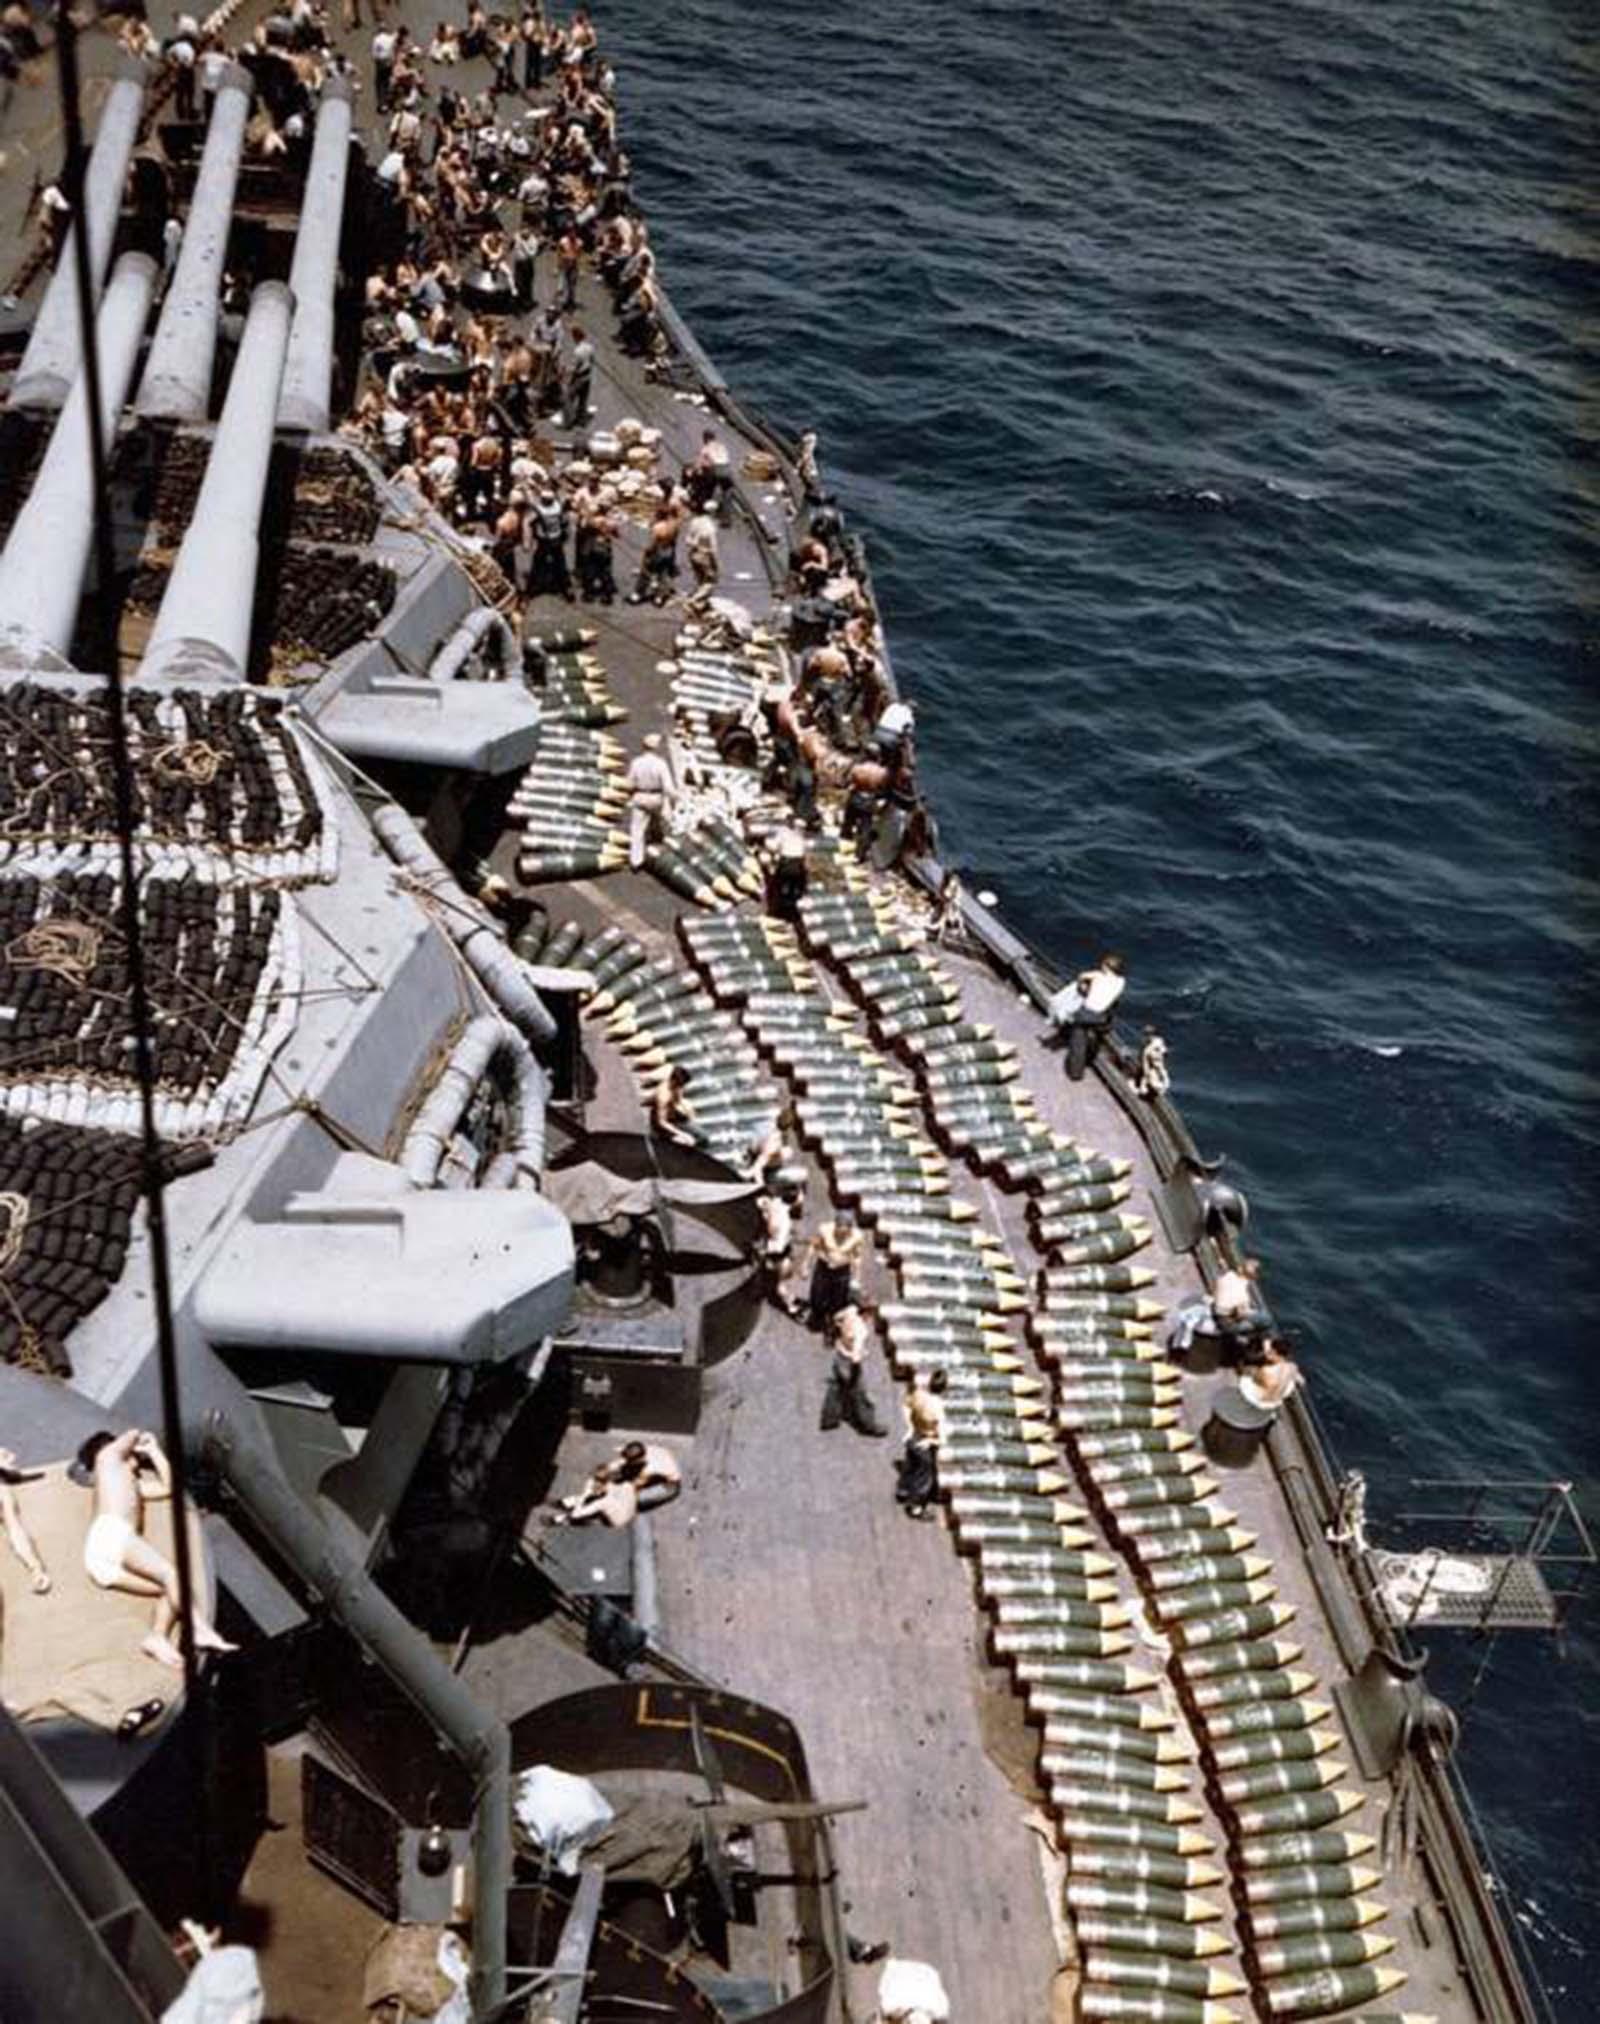 Csapatok és lövedékek állnak az USS New Mexico csatahajó fedélzetén.  Guam inváziója, 1944.